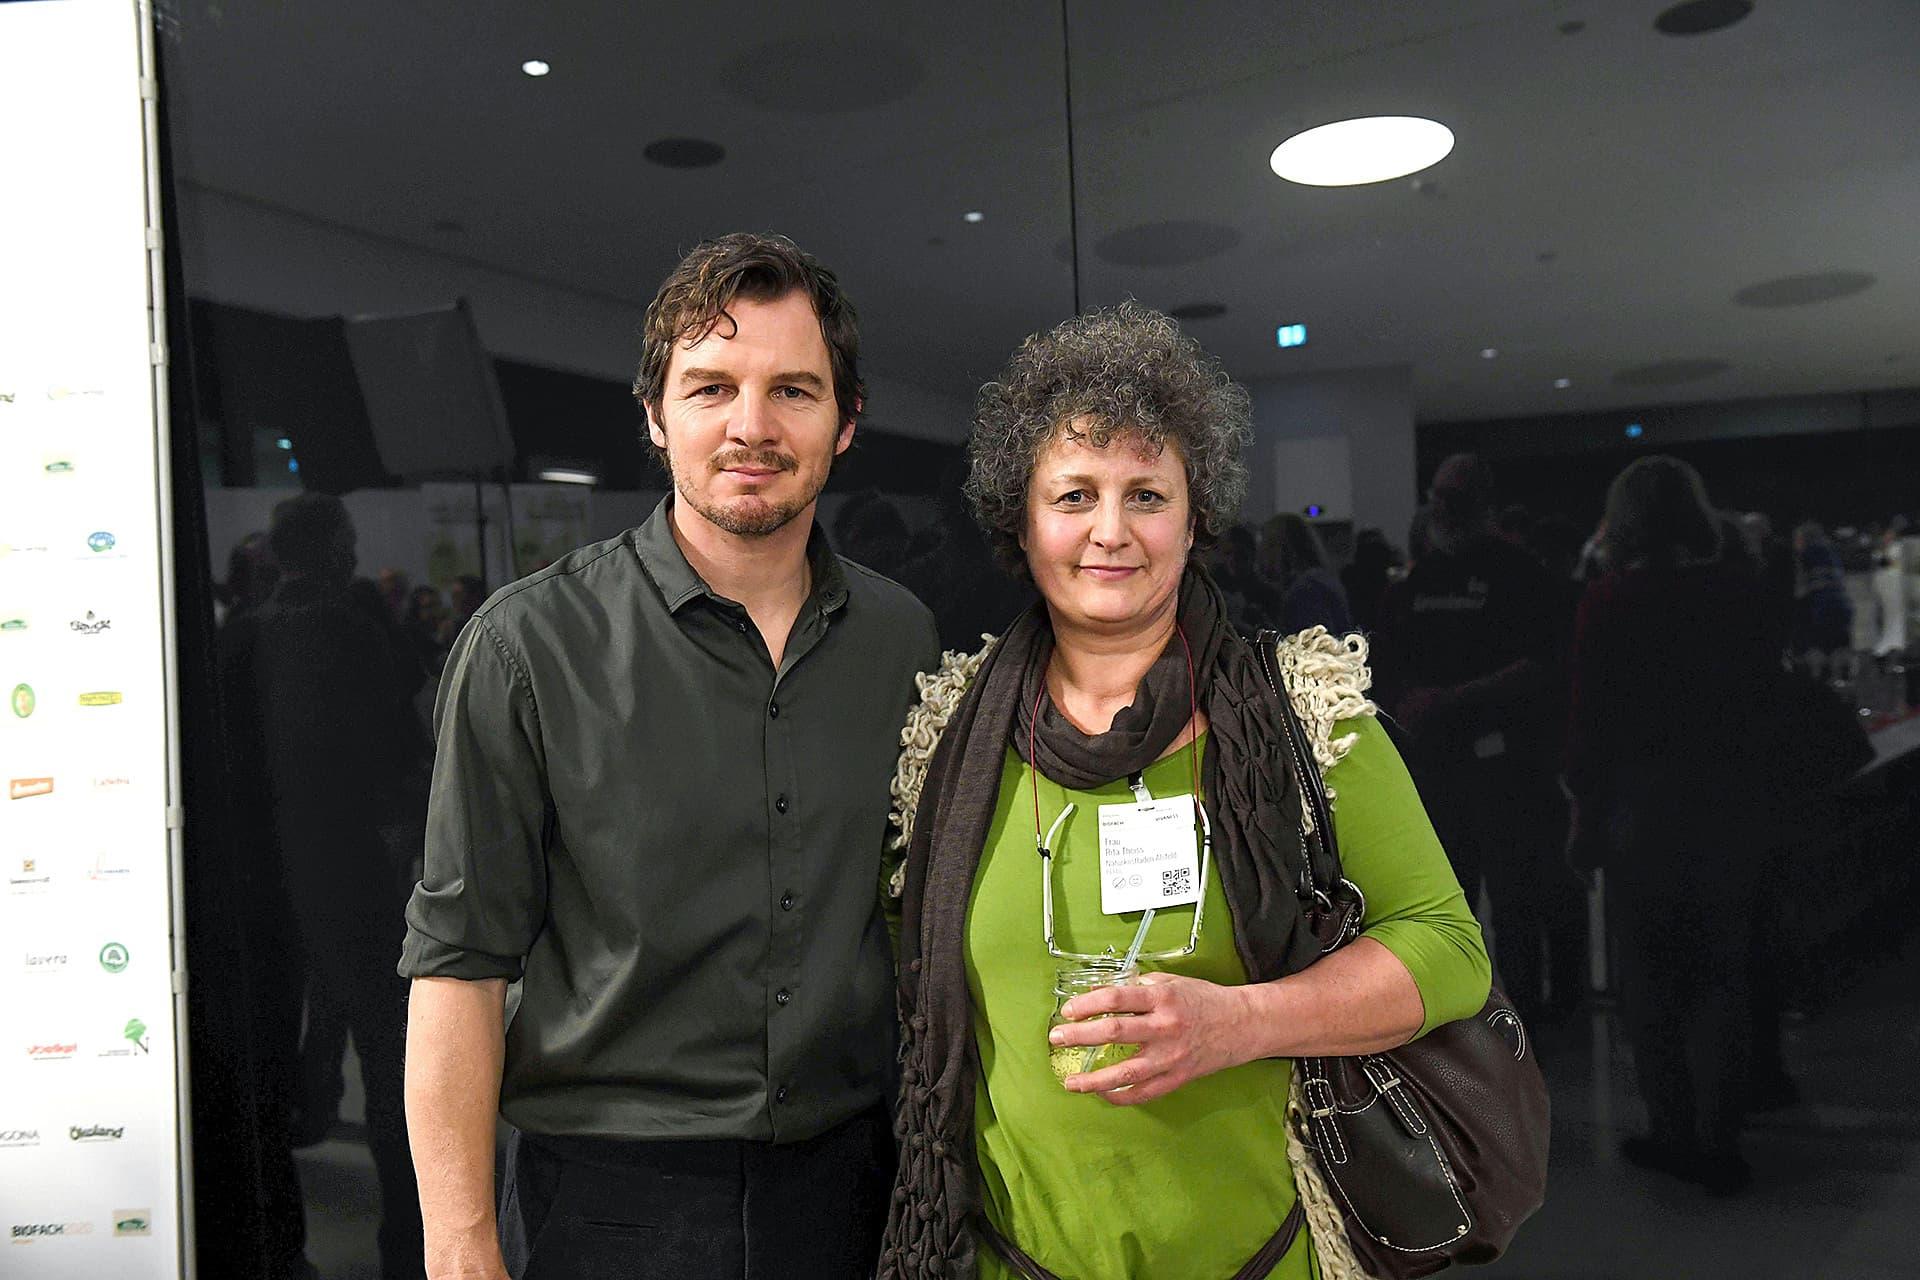 Felix Klare und Rita Theiss posieren für ein Foto.